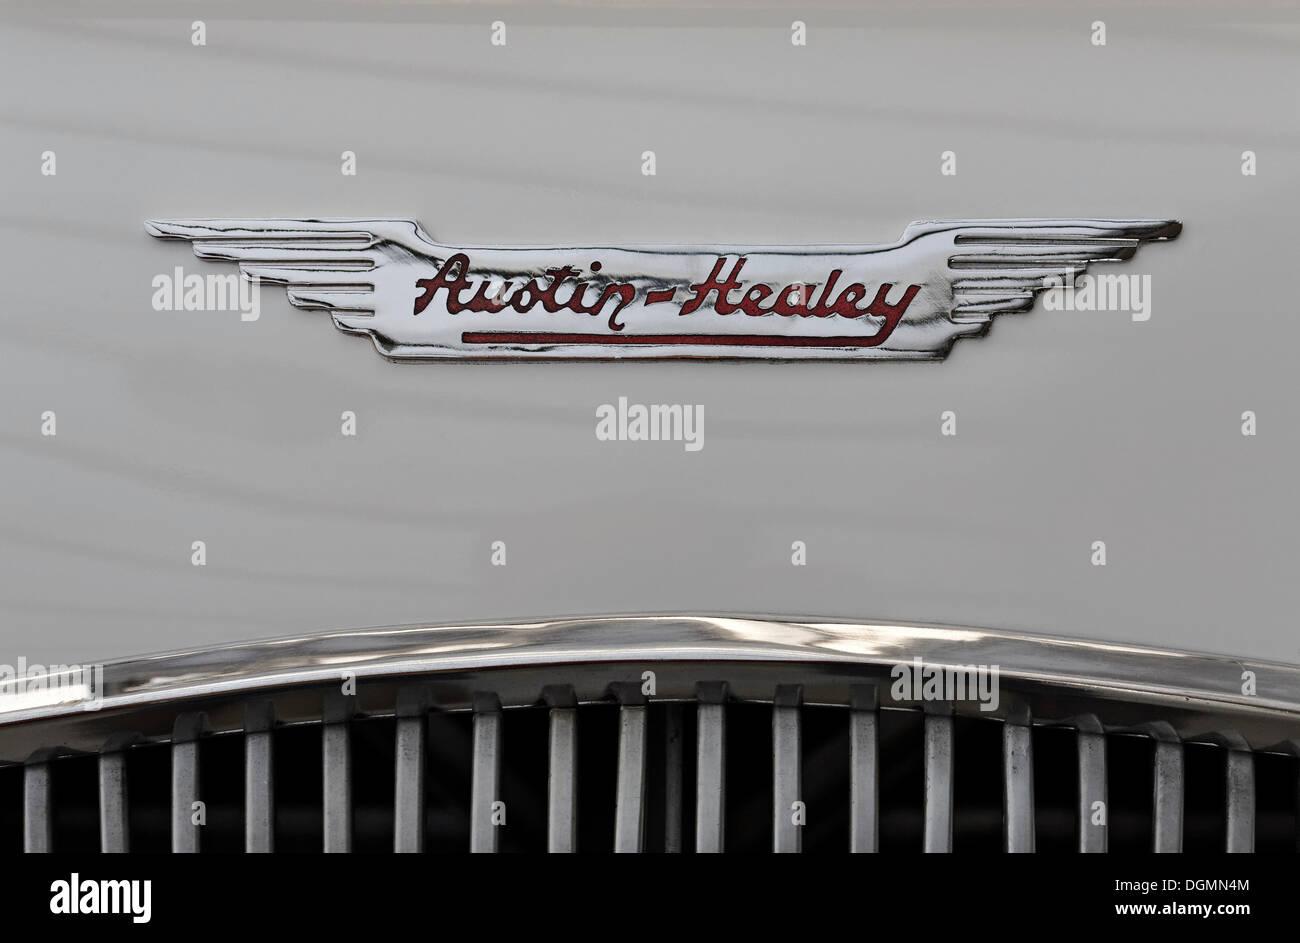 Austin-Healey-Logo auf der Motorhaube, britische Automarke Stockbild